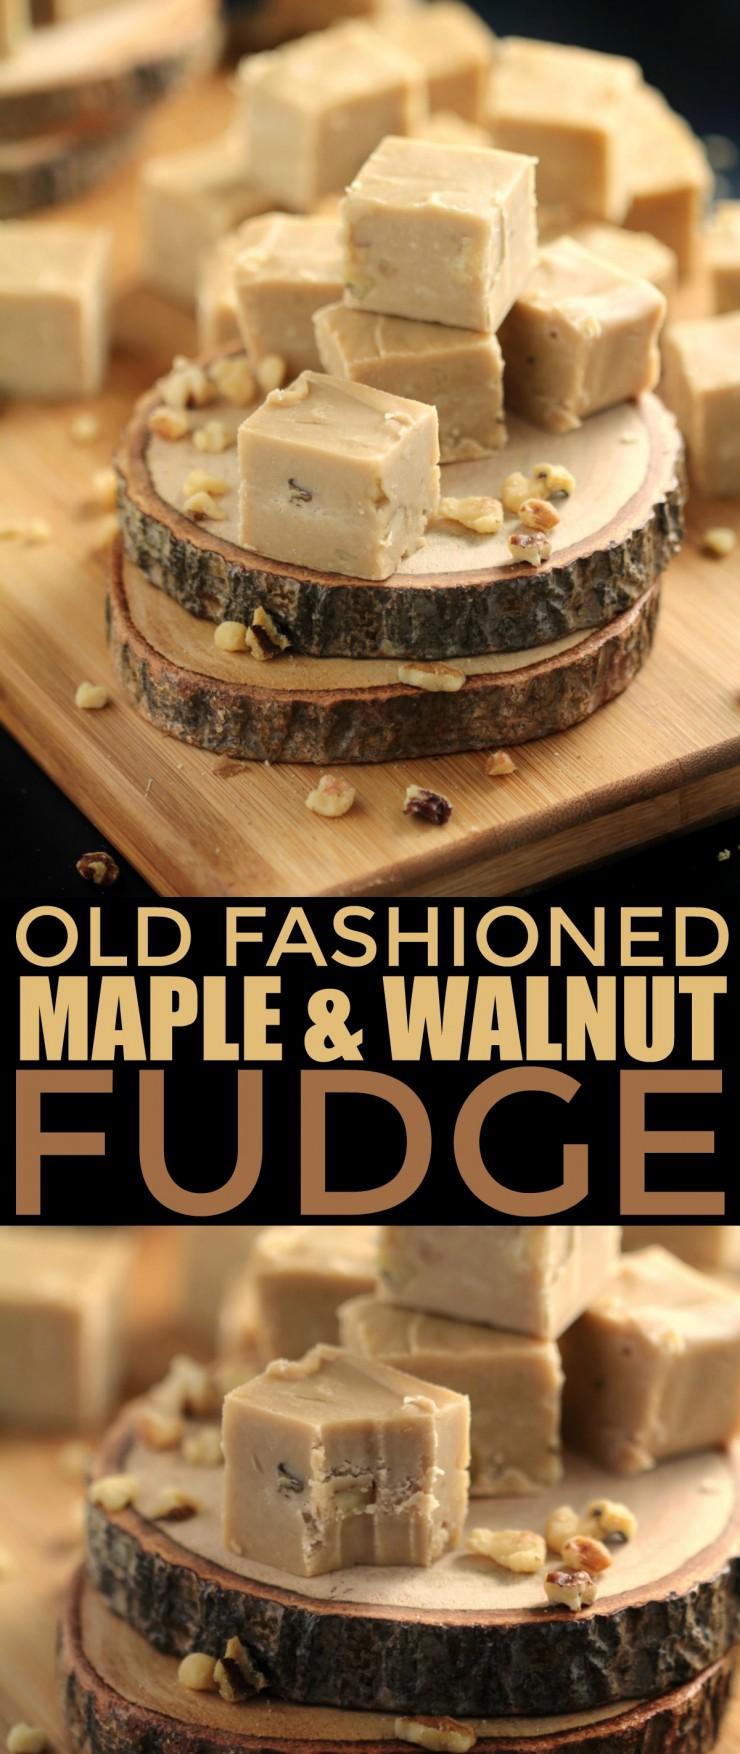 Old Fashioned Maple & Walnut Fudge - Frugal Mom Eh!